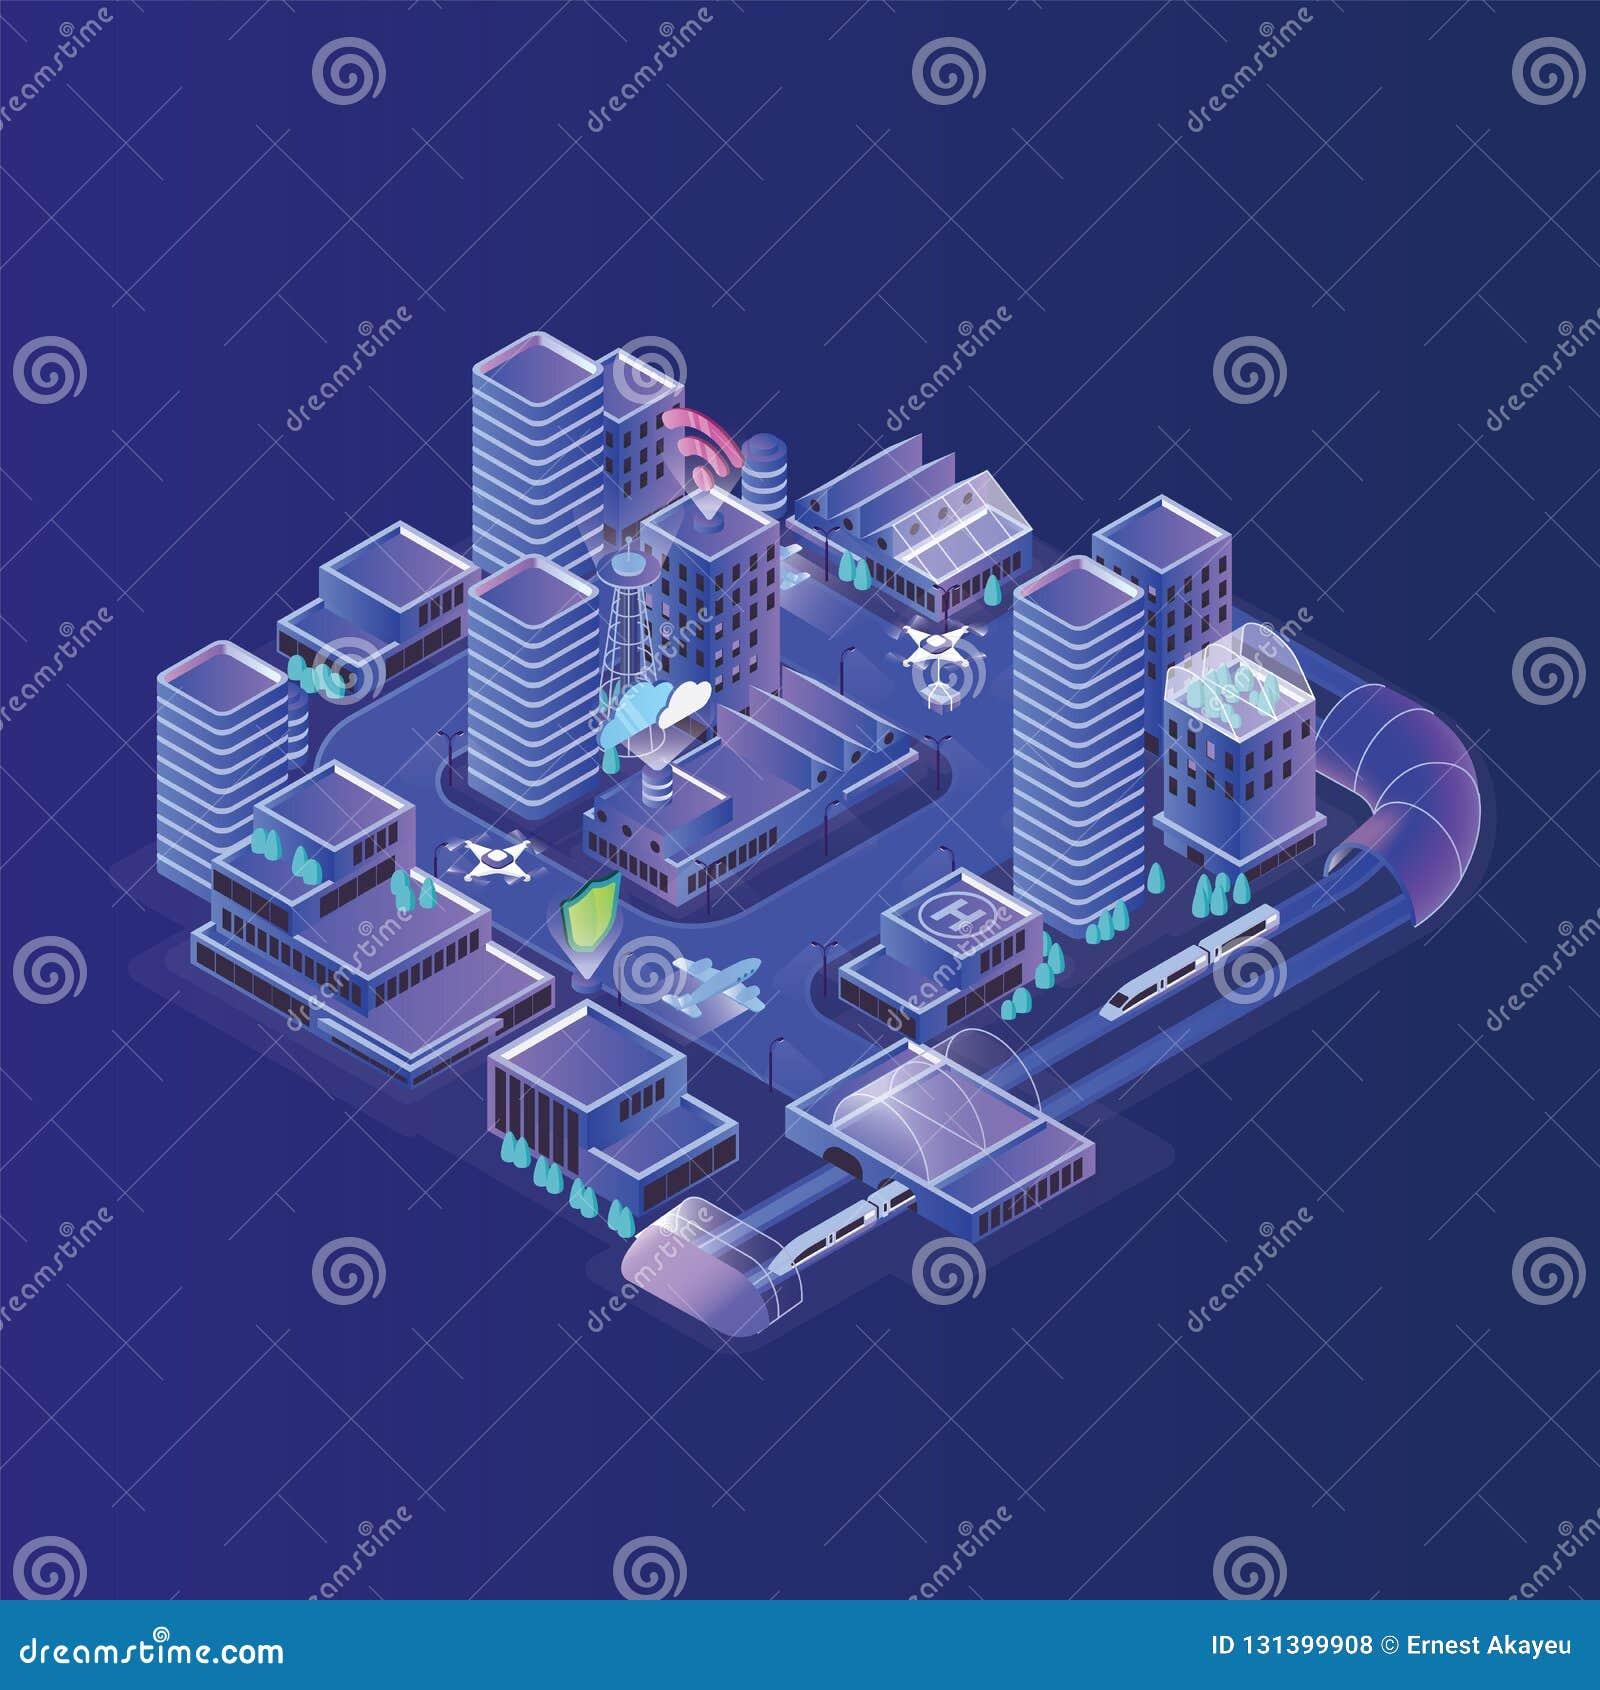 Slim stadsmodel Modern stedelijk gebied, district met elektronisch het leiden van verkeer, efficiënt energieverbruik